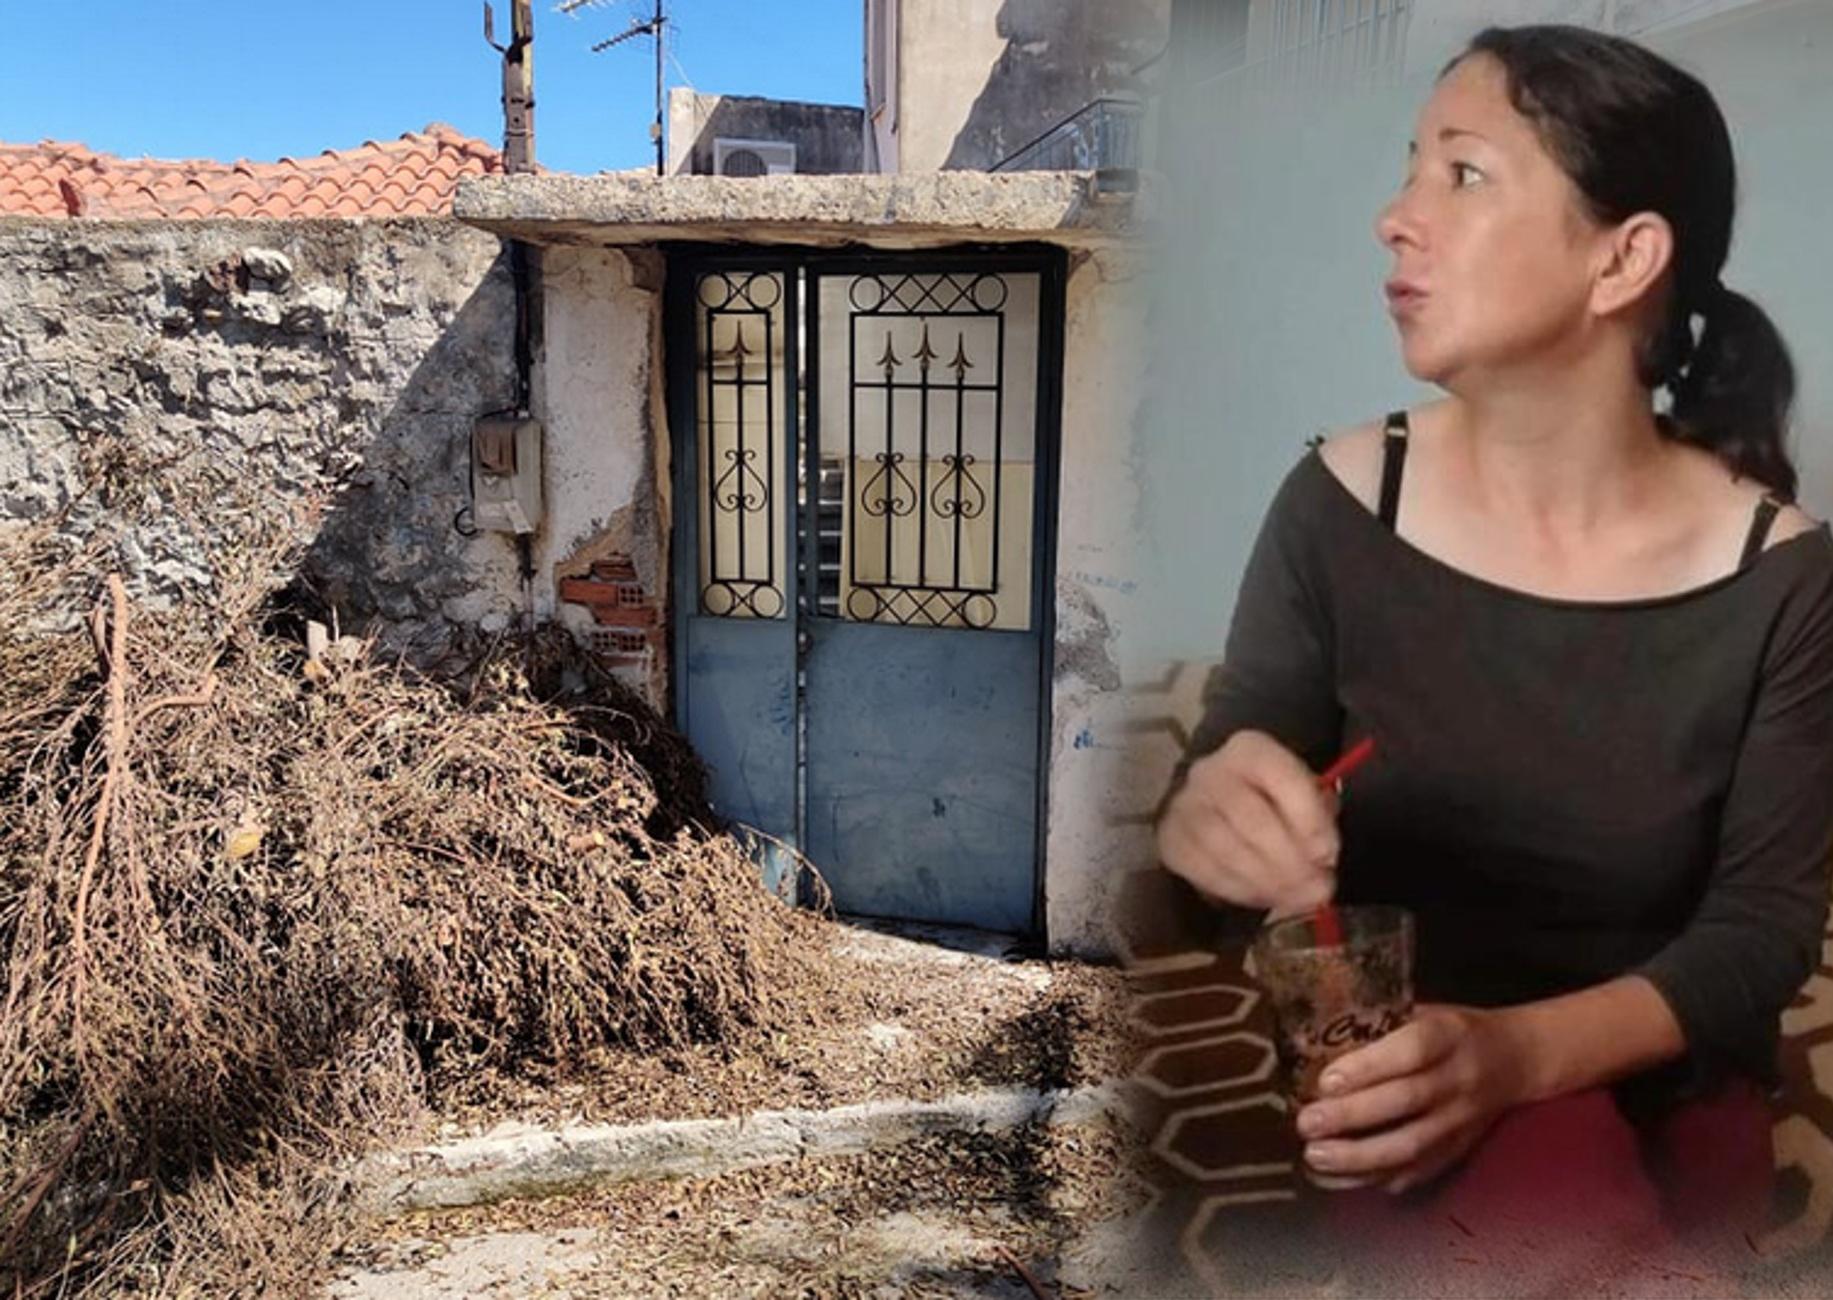 Κυπαρισσία: Ταυτοποιήθηκε η σορός της «τσιμεντωμένης» γυναίκας – Νέο στοιχείο φωτιά για τον σύντροφό της